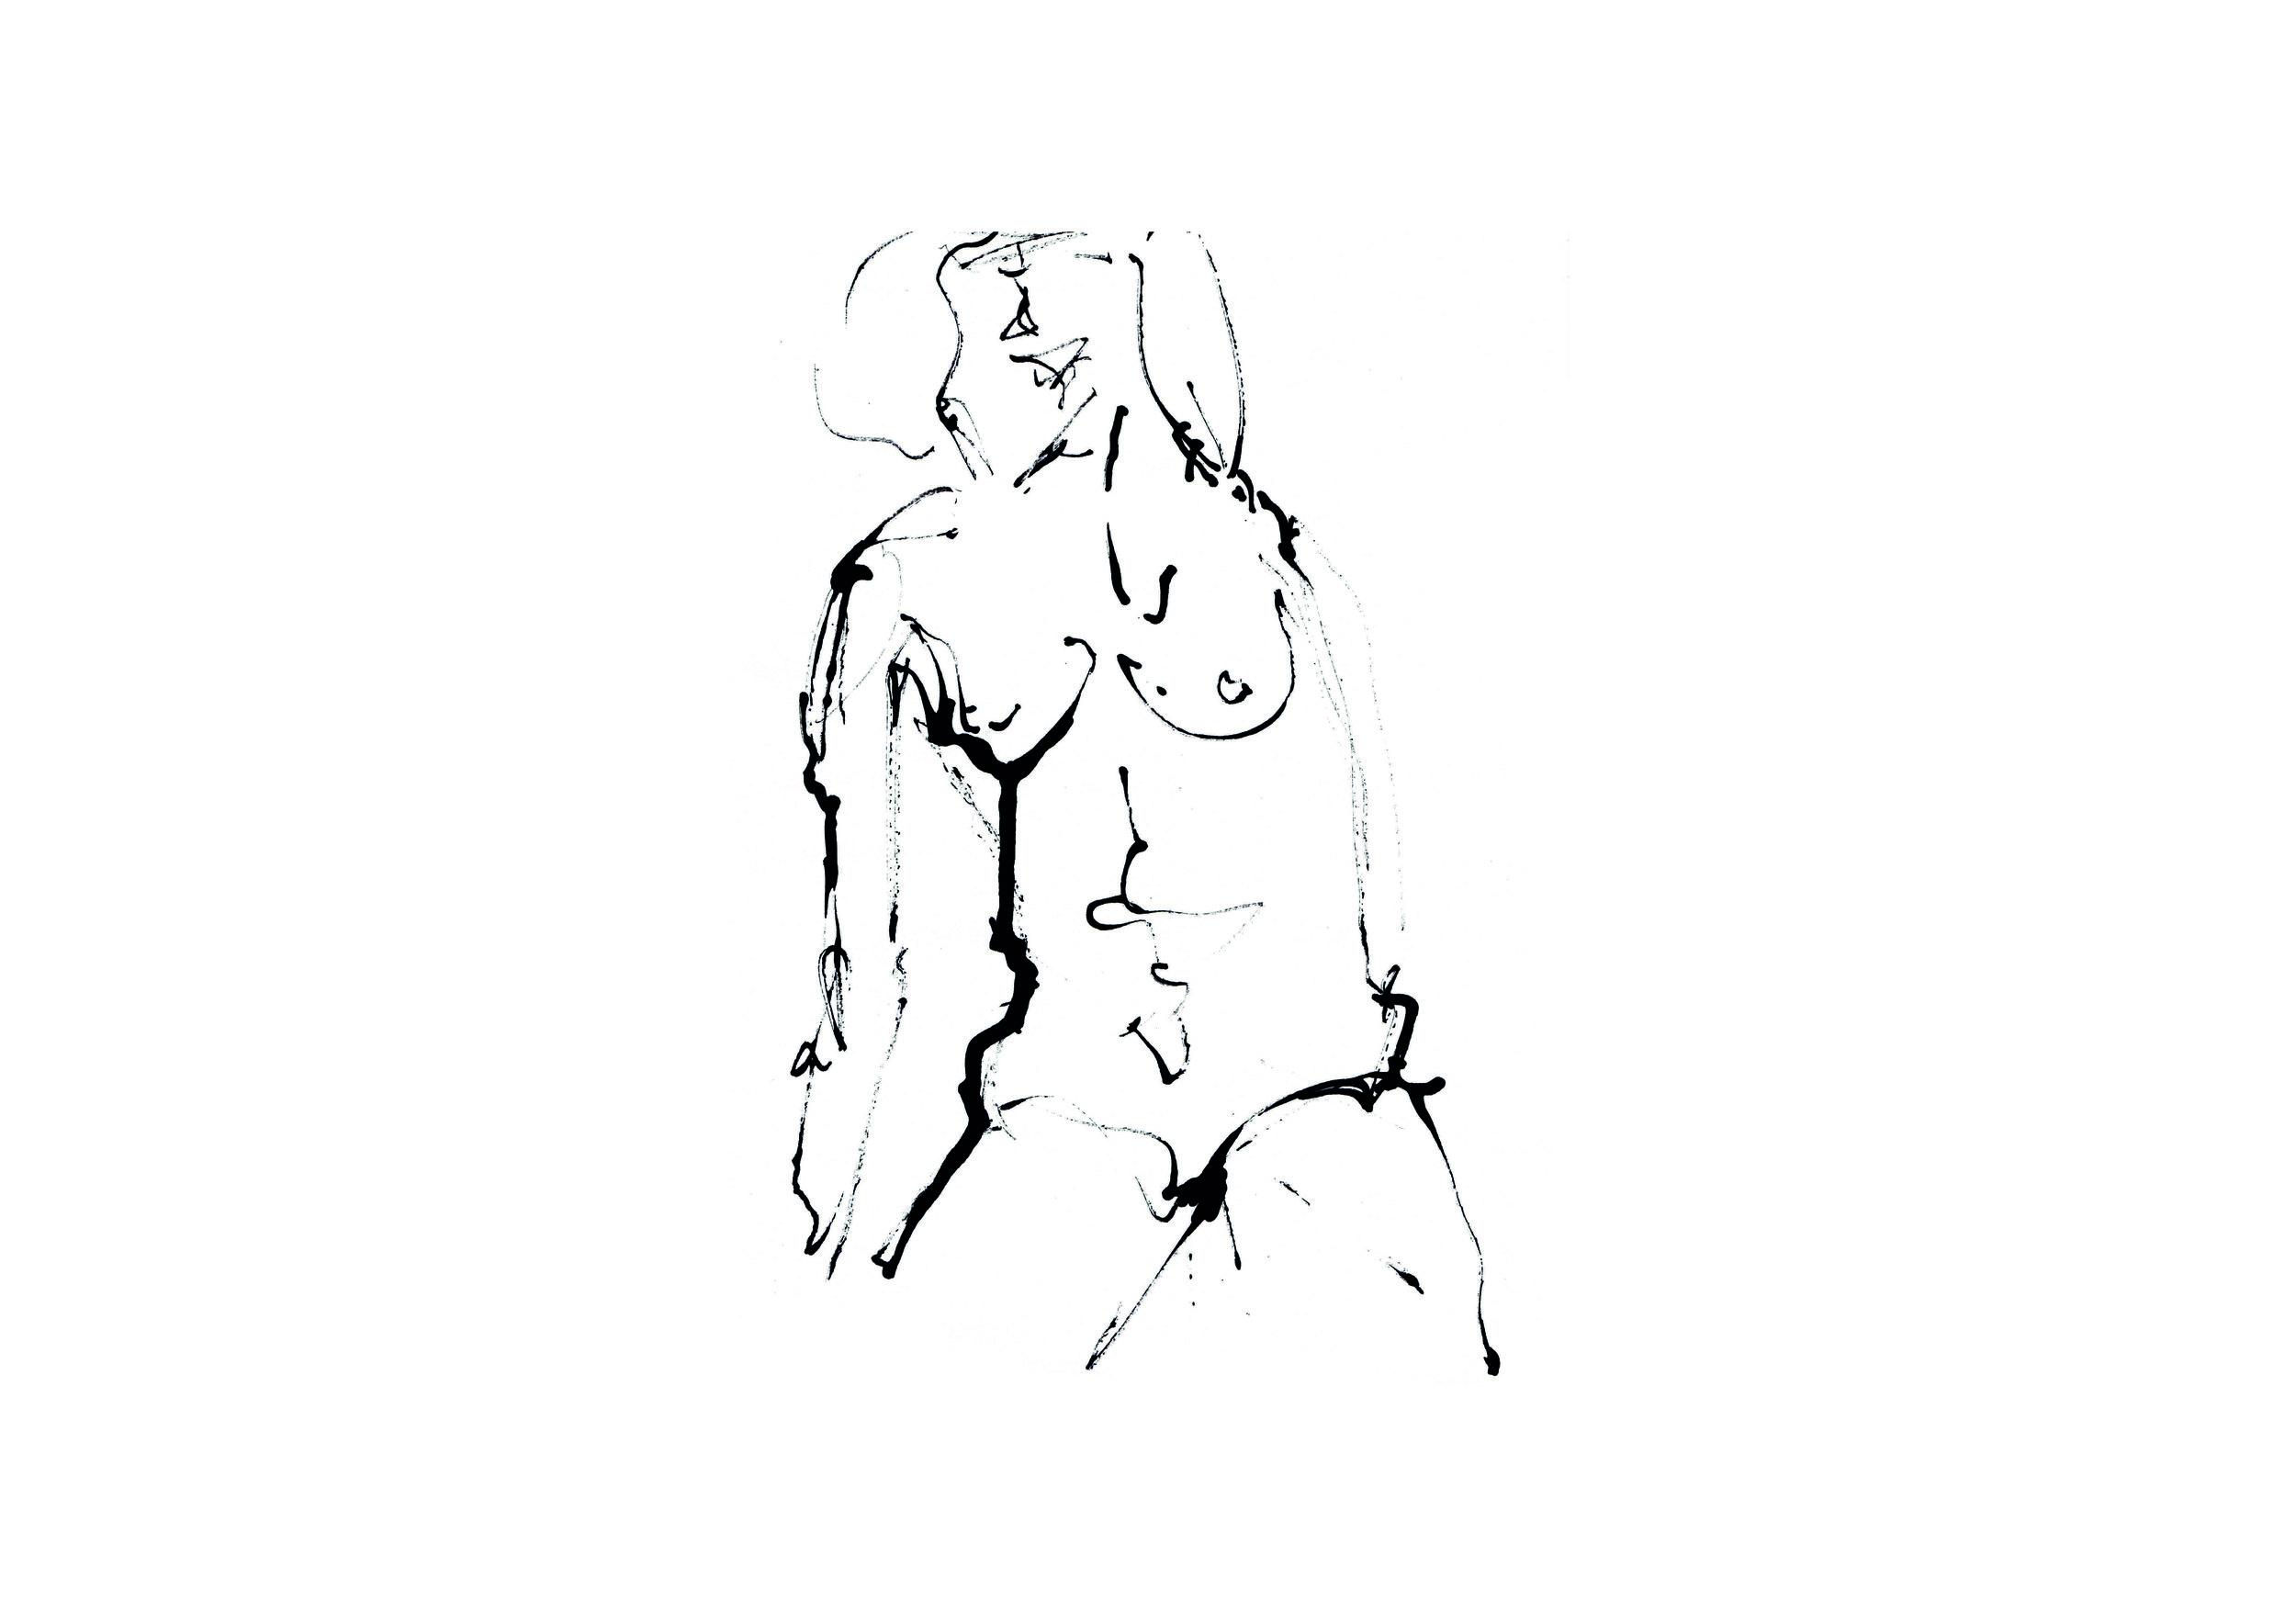 nudes3.jpg